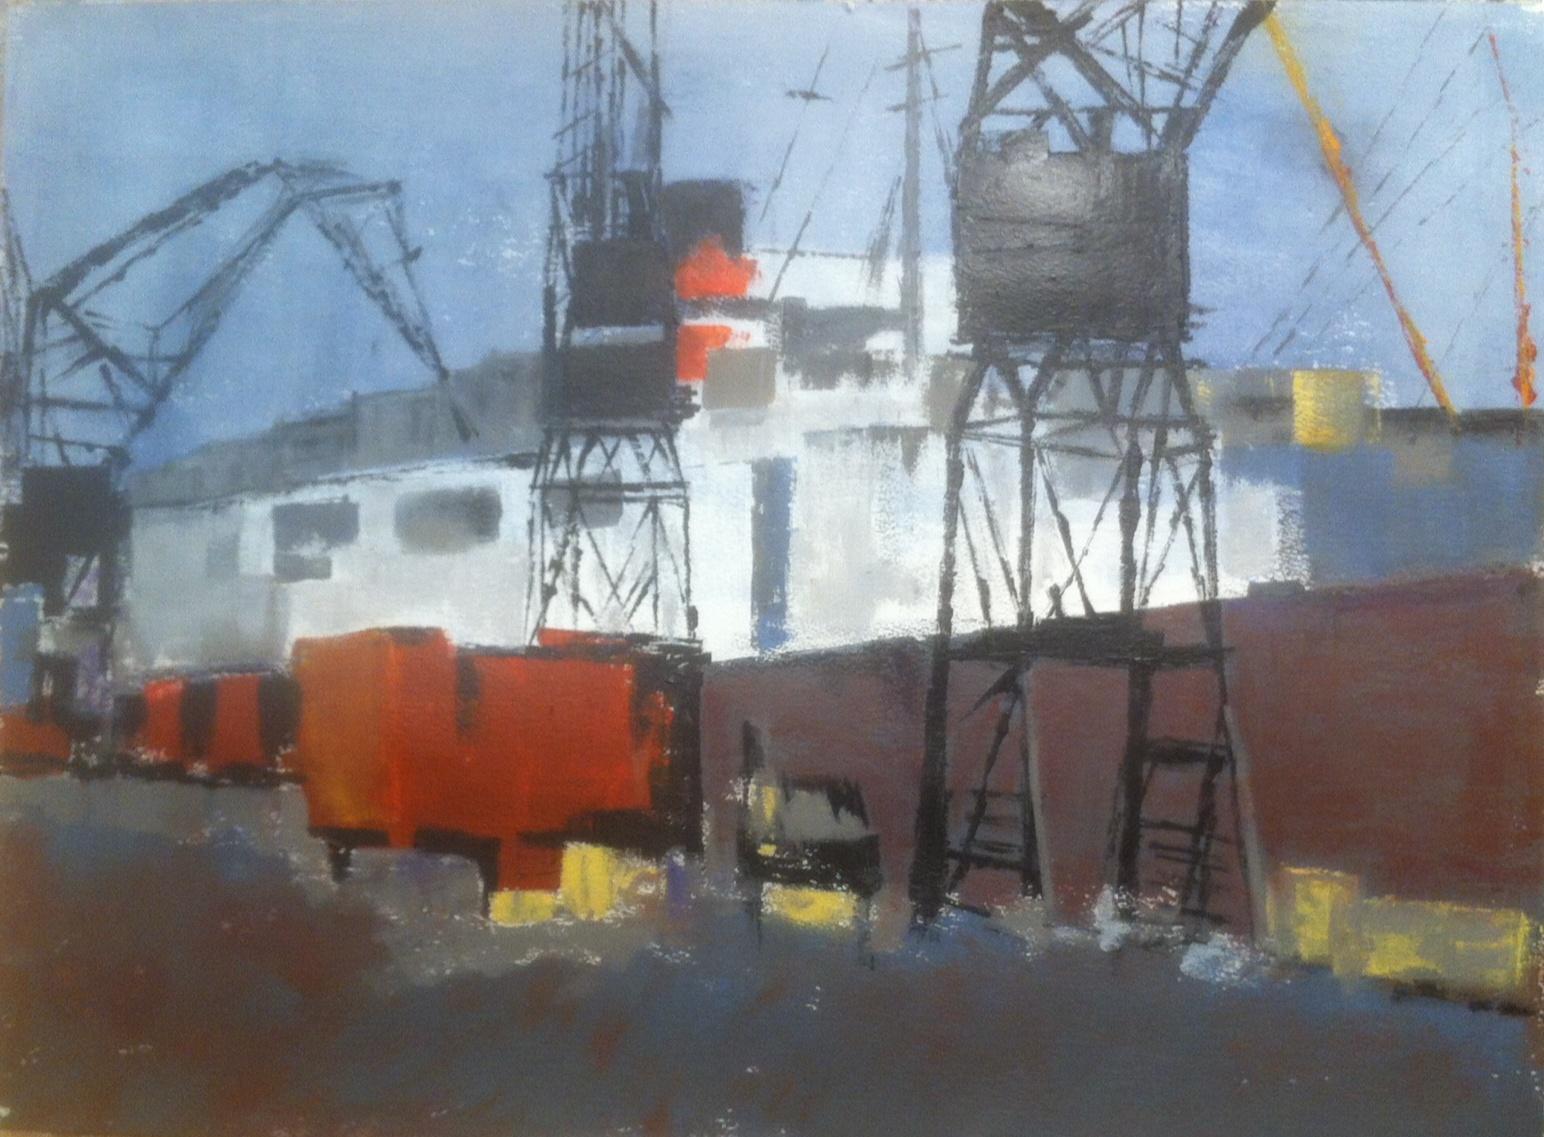 N°1915 - Docks - Acrylique sur papier - 57 x 76 cm - 27 mai 2015